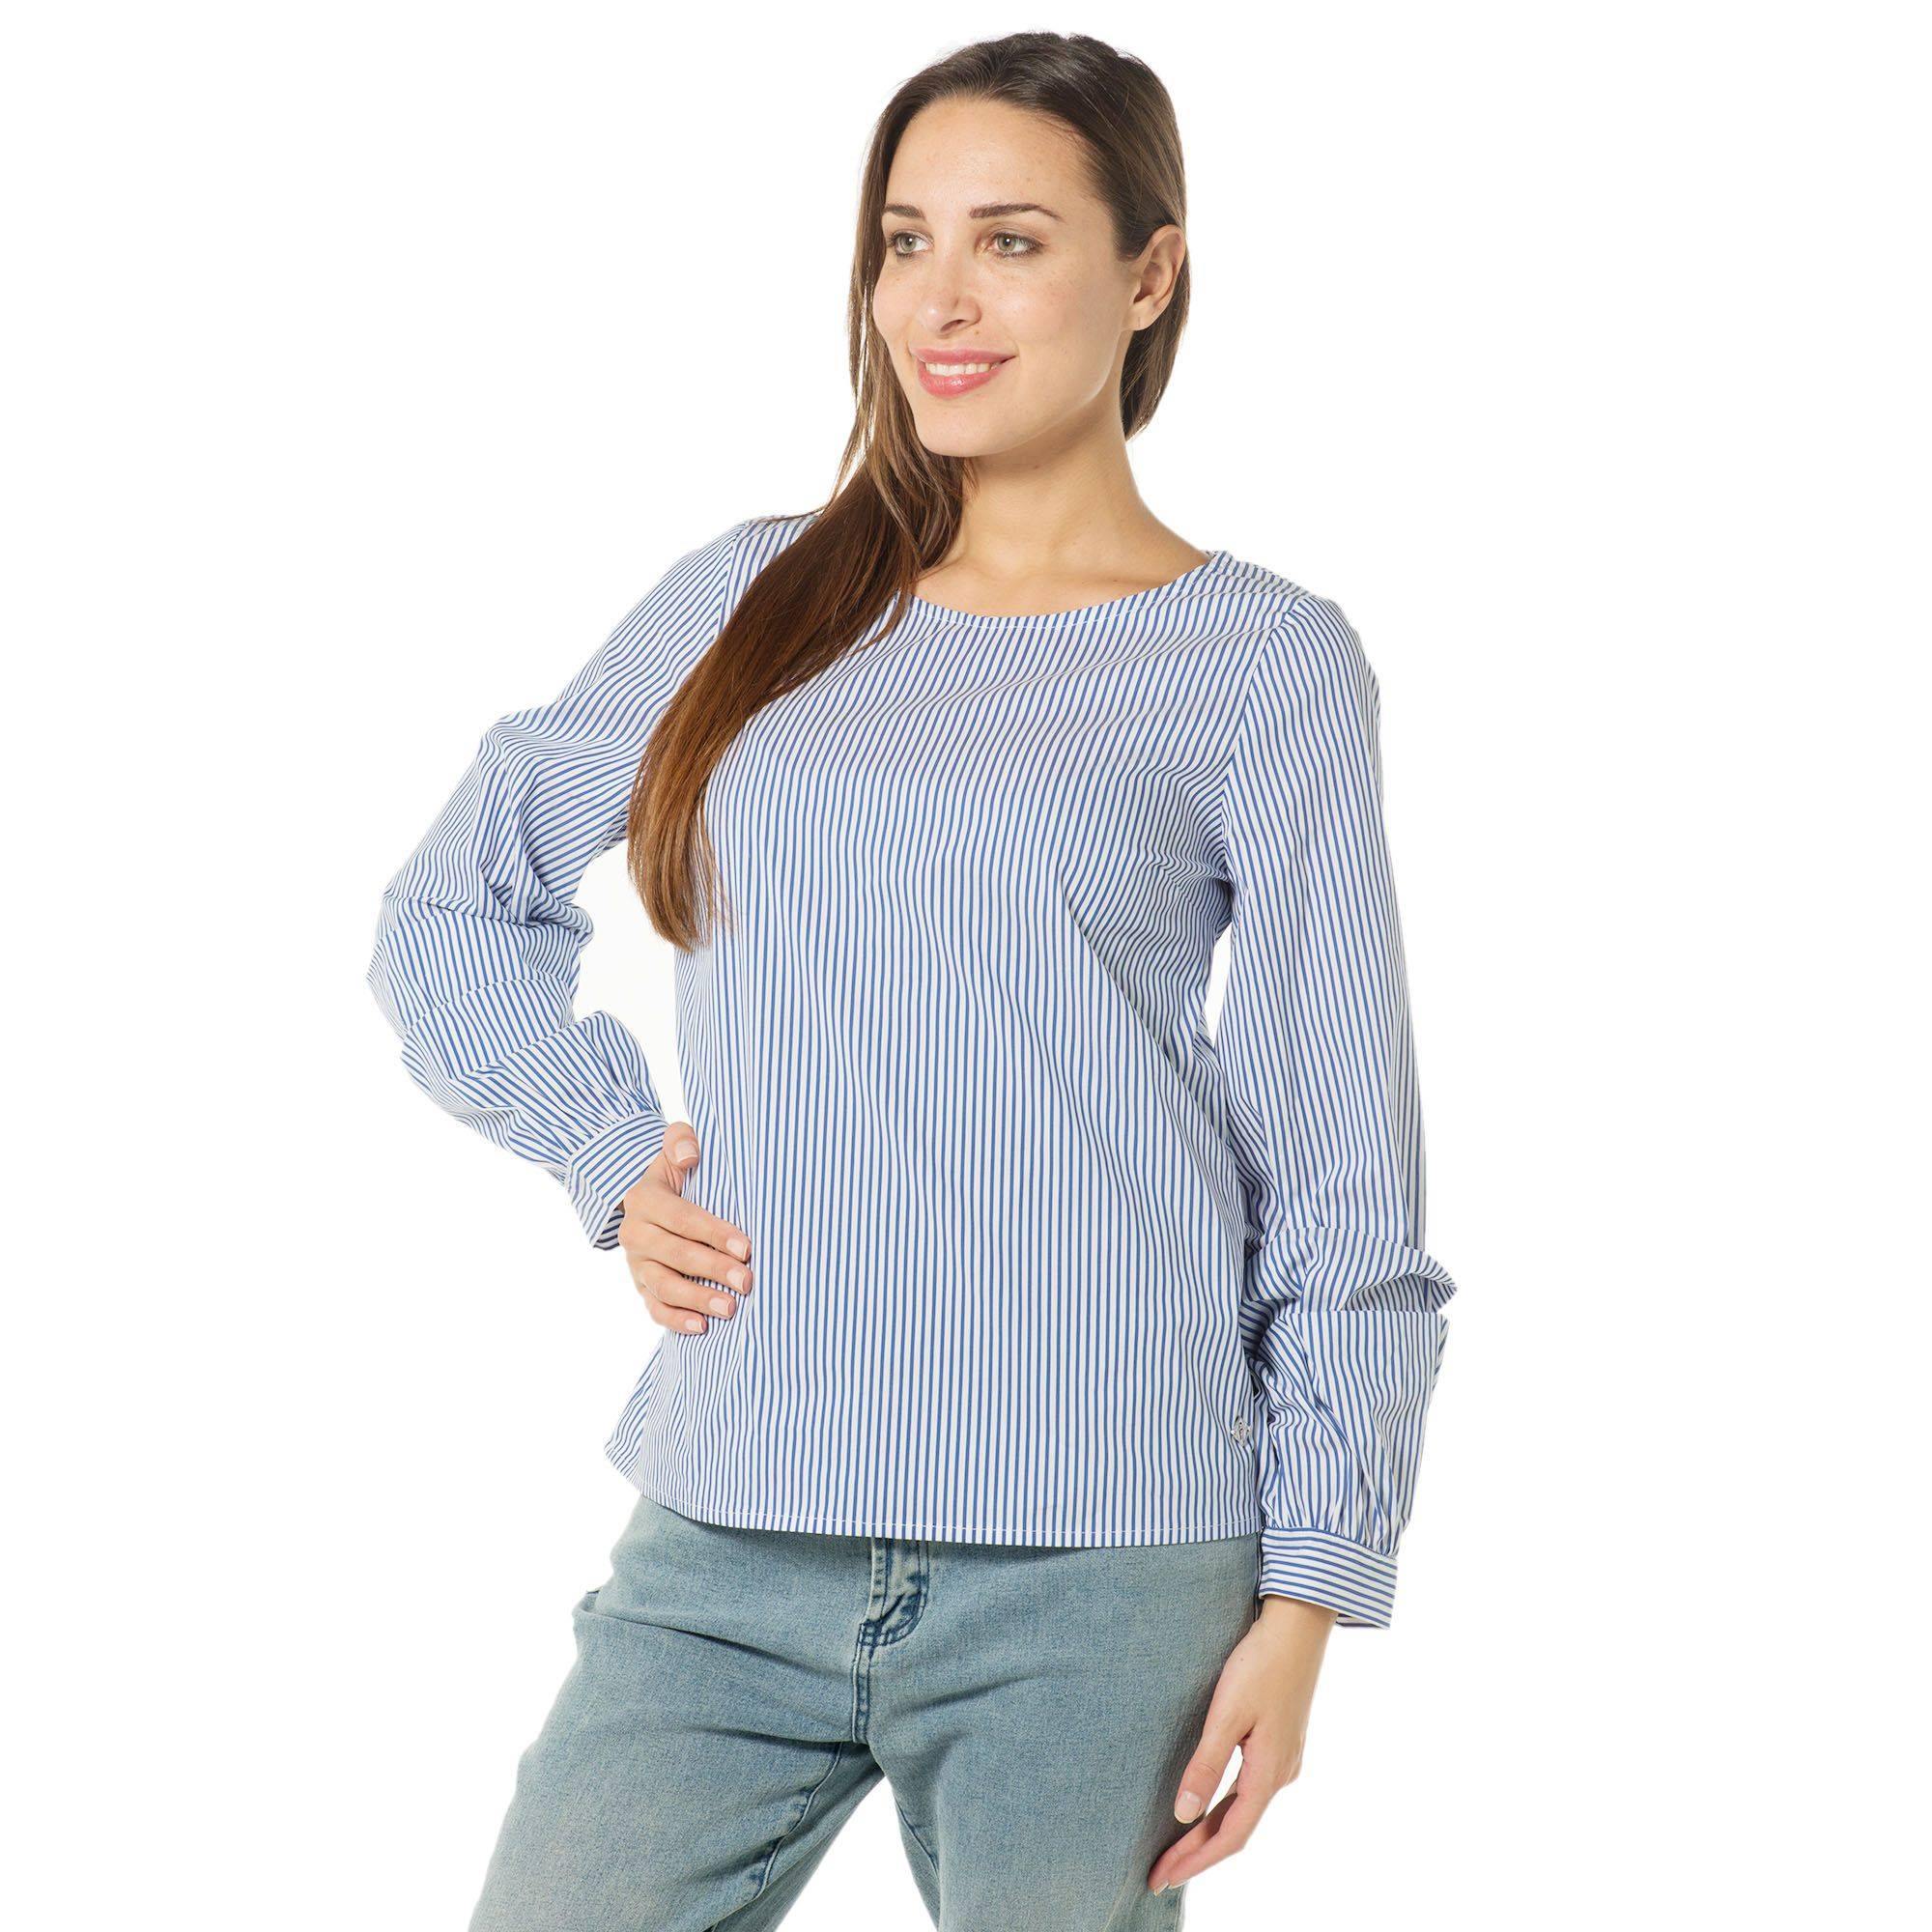 Officina della Moda Camicia a righe con maniche arricciate e goccia sul retro